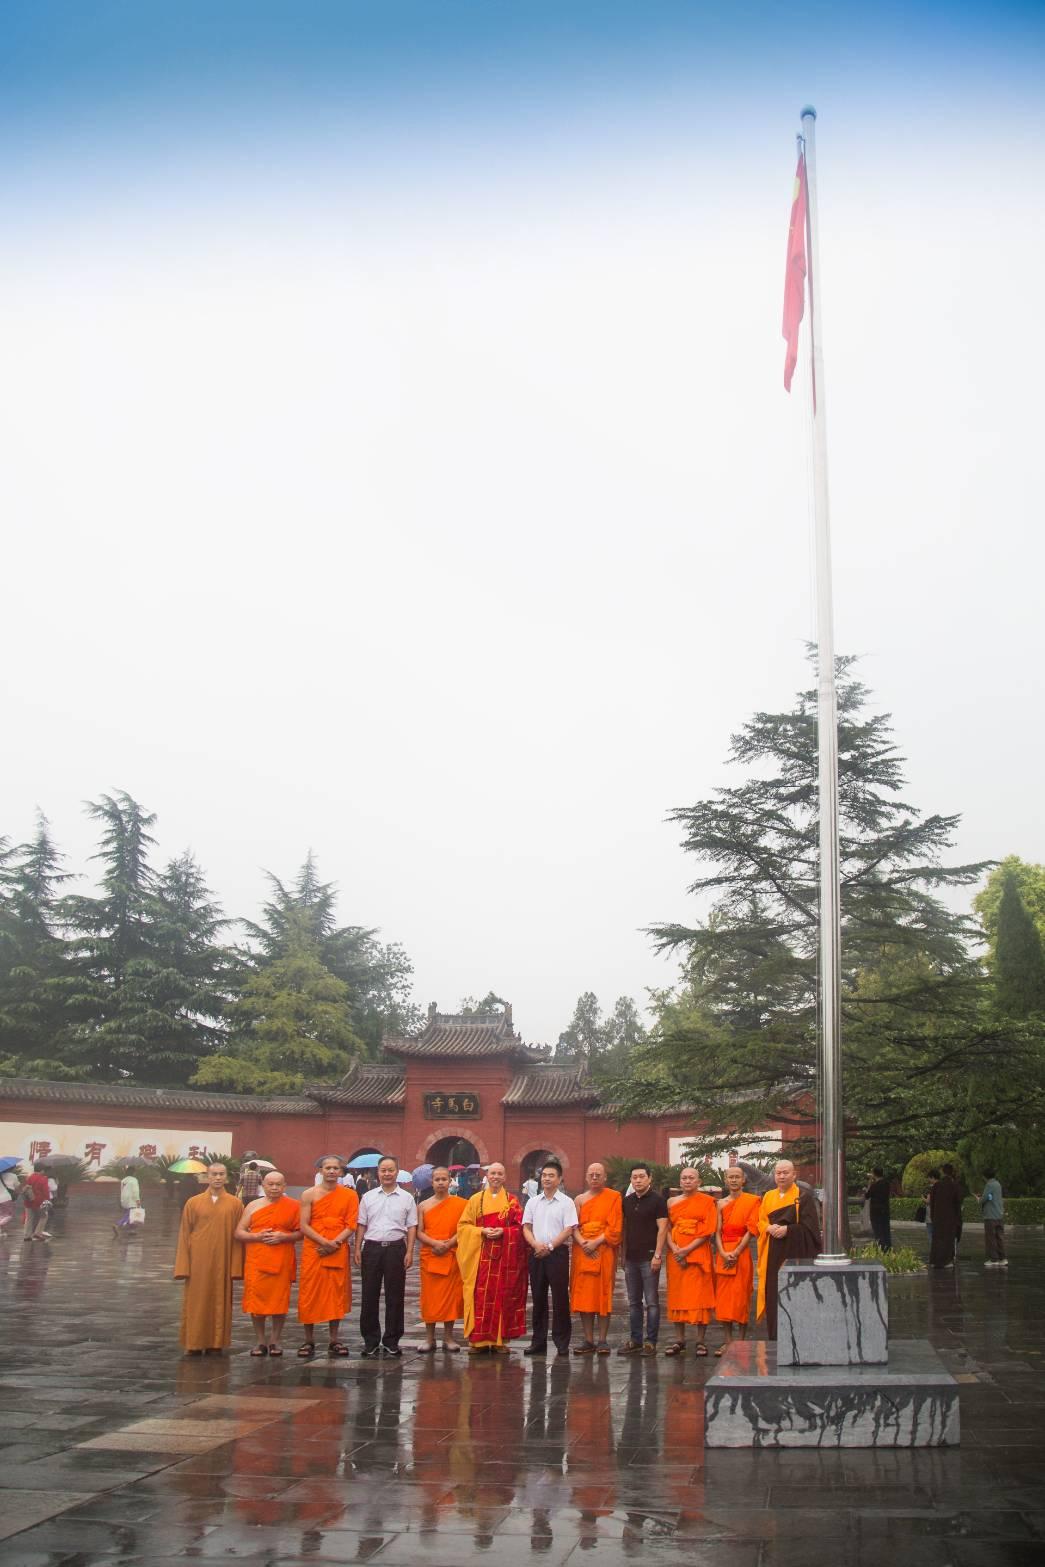 พระธรรมทูตสายต่างประเทศ สานสัมพันธ์ไทย-จีน เถรวาท-มหายาน 1